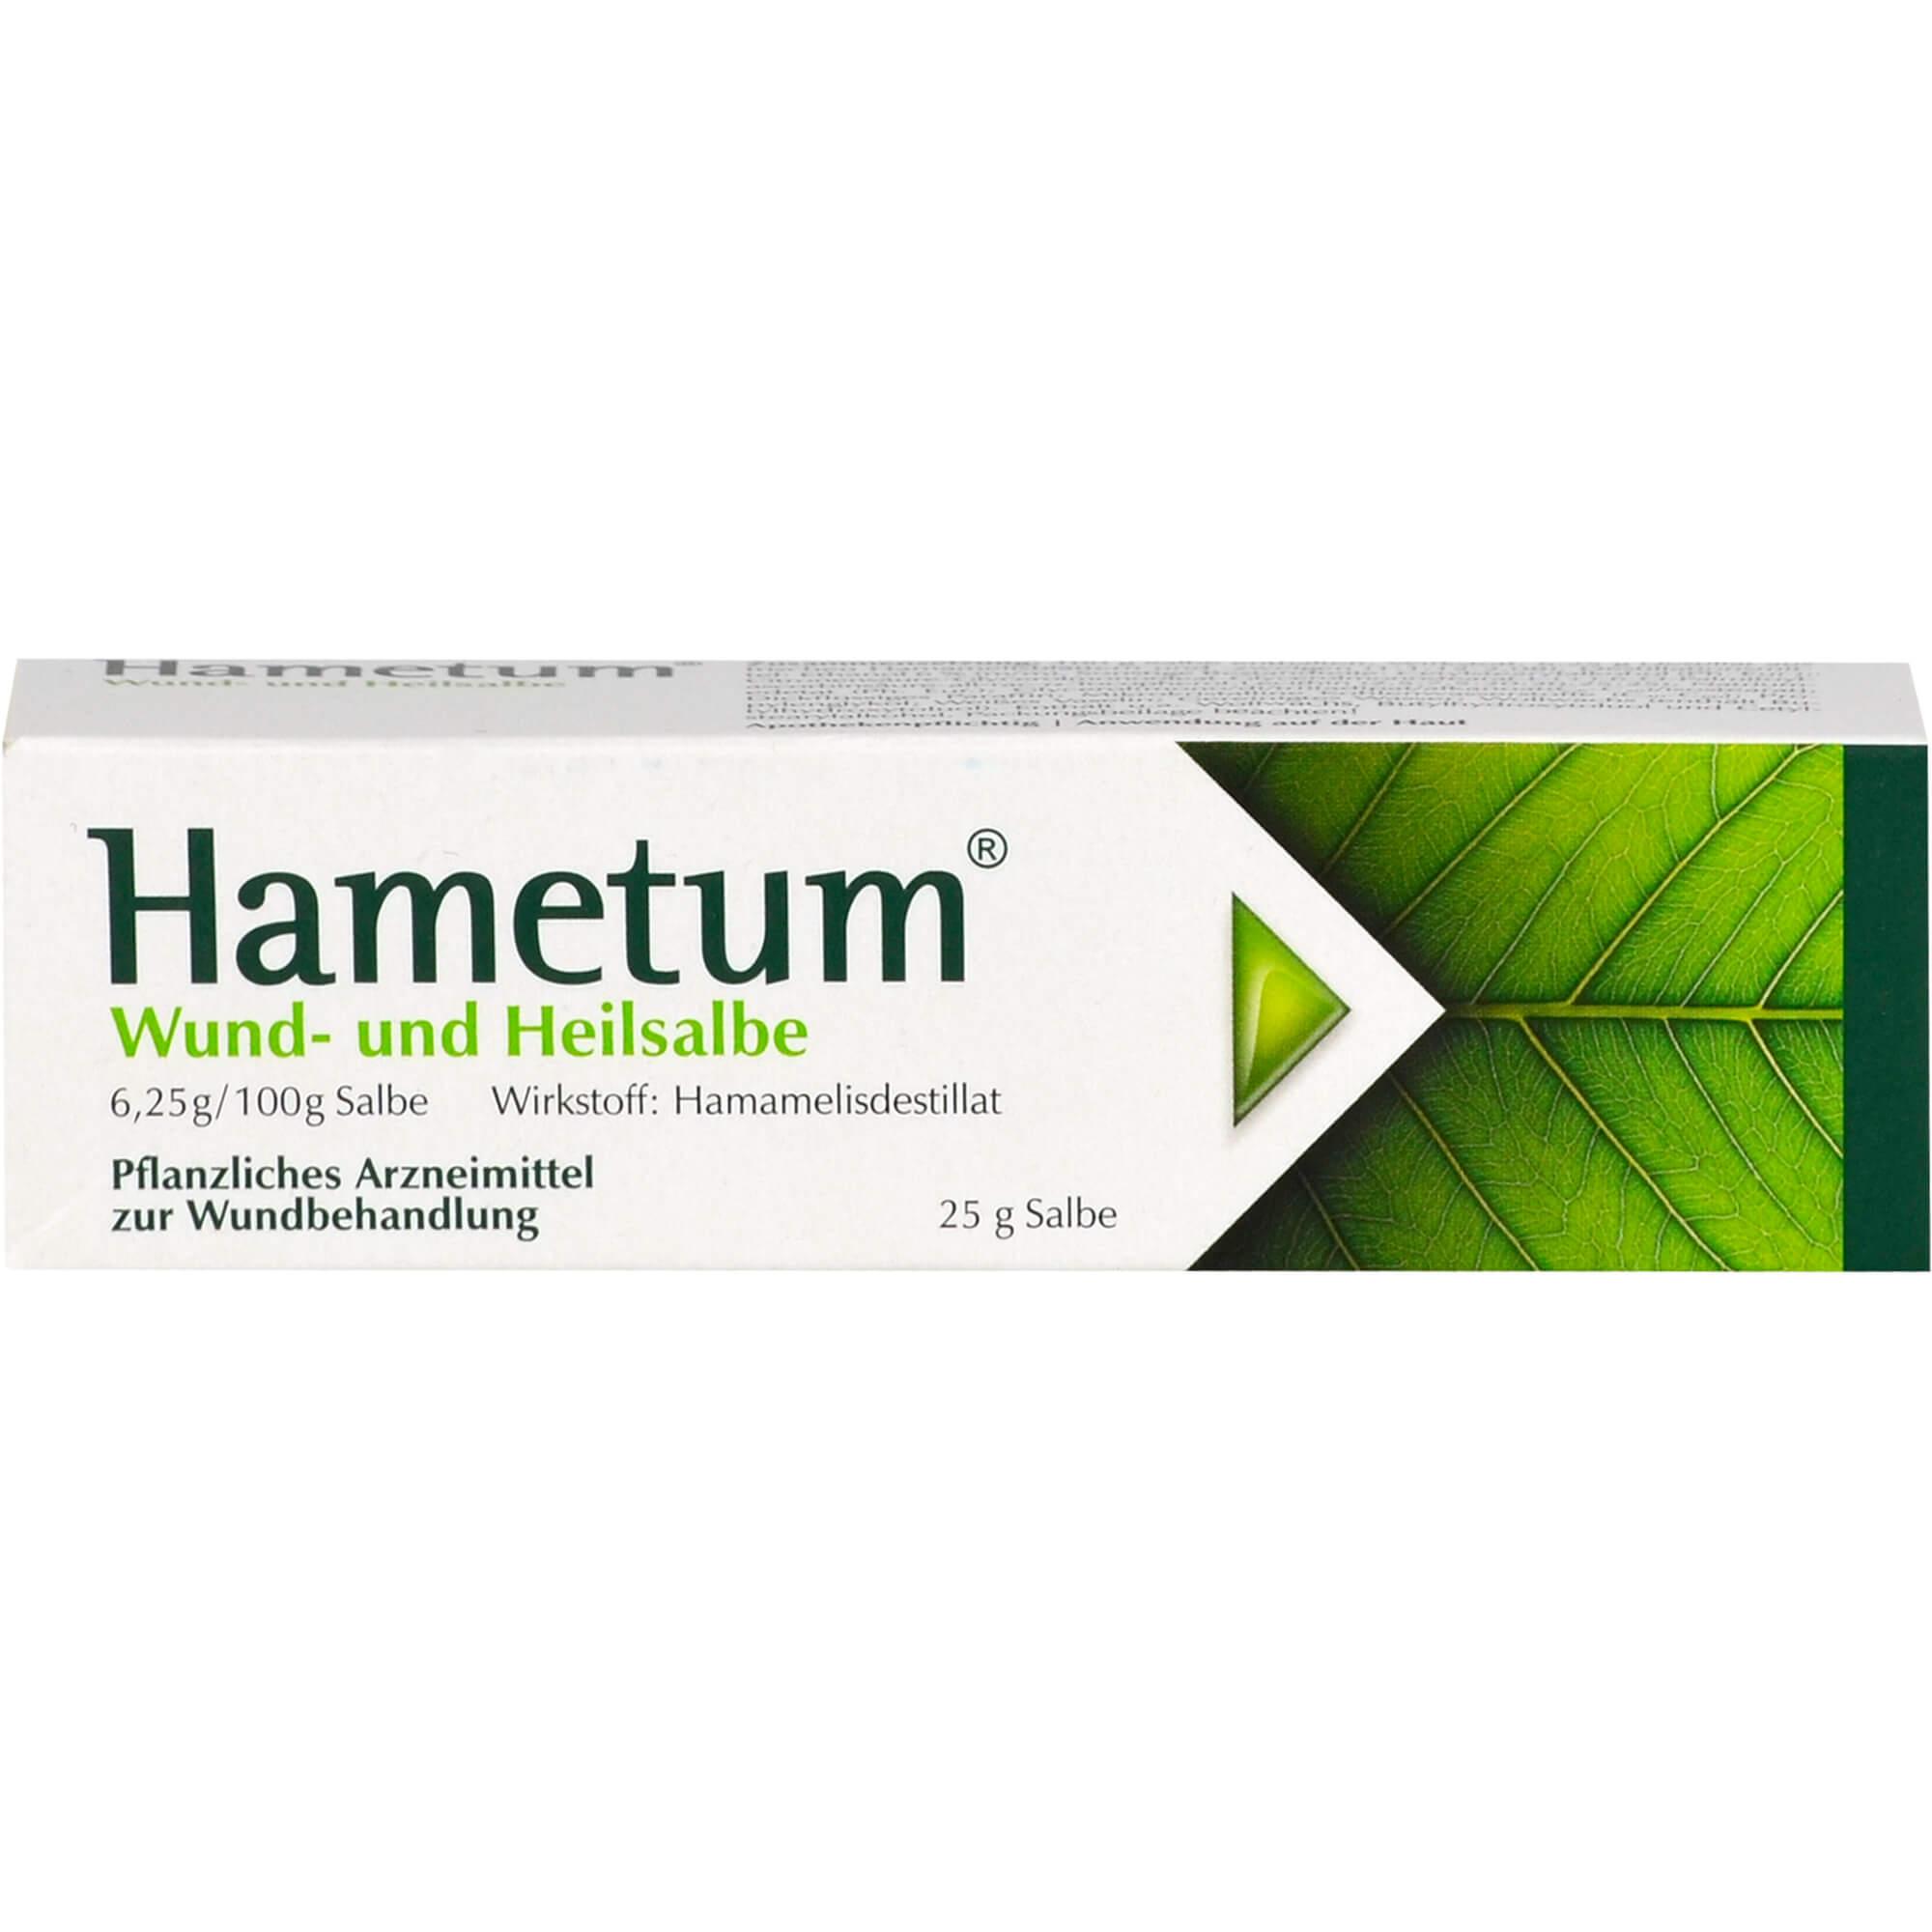 HAMETUM-Wund-und-Heilsalbe